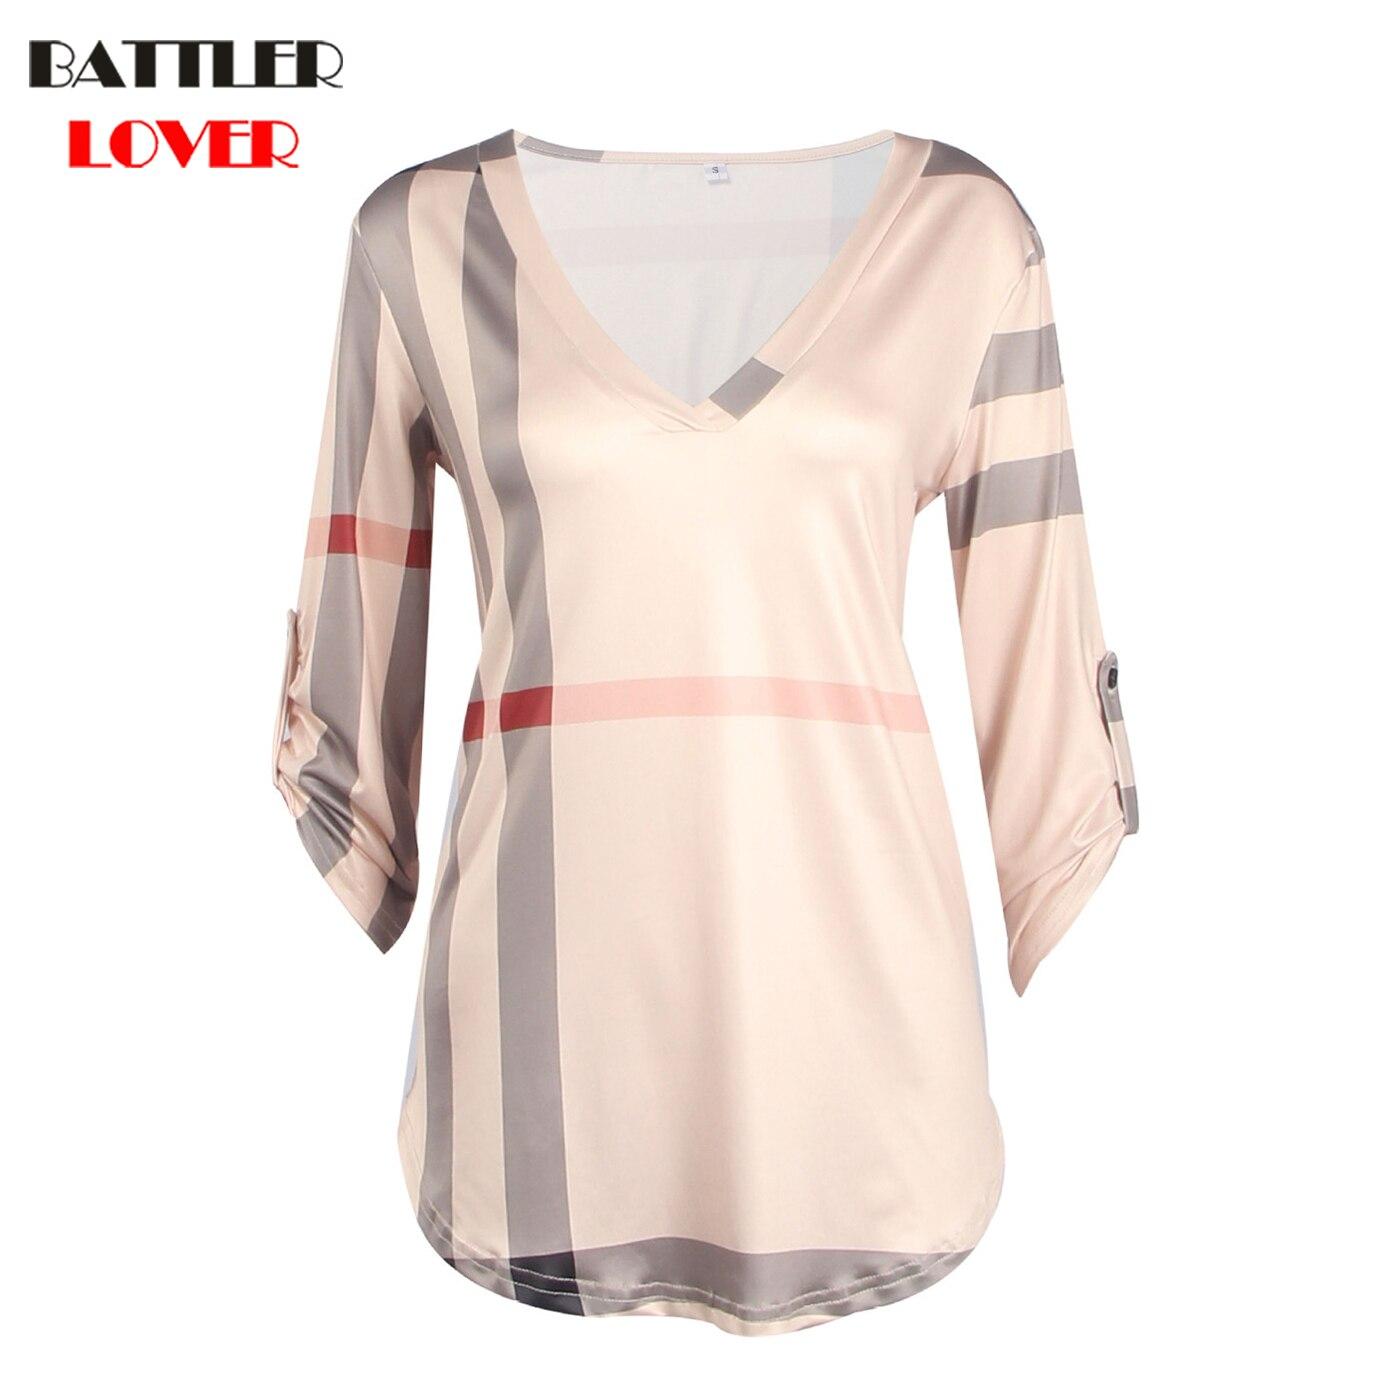 Plus Size S-5XL Plaid Shirt Women Kimono Cadim Blouse Summer Fashion Slim Women Tops Blusas Wear shirt Female Zanzea Blusa 2017